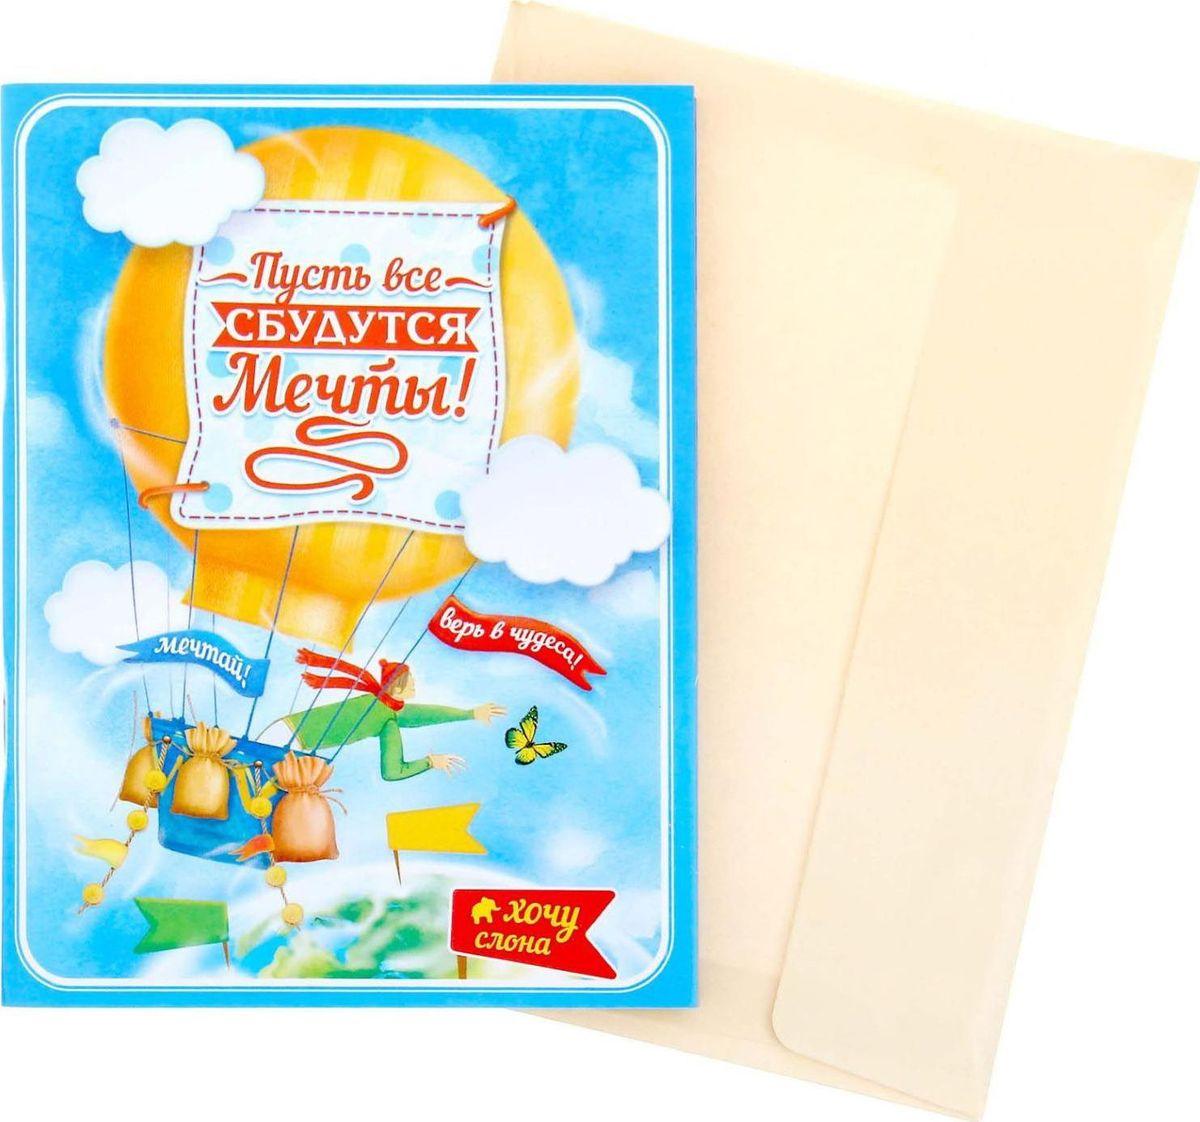 Блокнот-открытка Мечты 32 листа72523WDБлокнот-открытка Мечты, сочетает в себе красоту и практичность. Он содержит приятные пожелания от близких людей, а 32 дизайнерских листа с бархатной фактурой подарят отличное настроение владельцу. В отличие от обычной открытки, которая будет пылиться в шкафу, блокнотом приятно пользоваться! Изделие дополнено универсальным конвертом, подпишите его и вручите сувенир адресату на любой праздник.